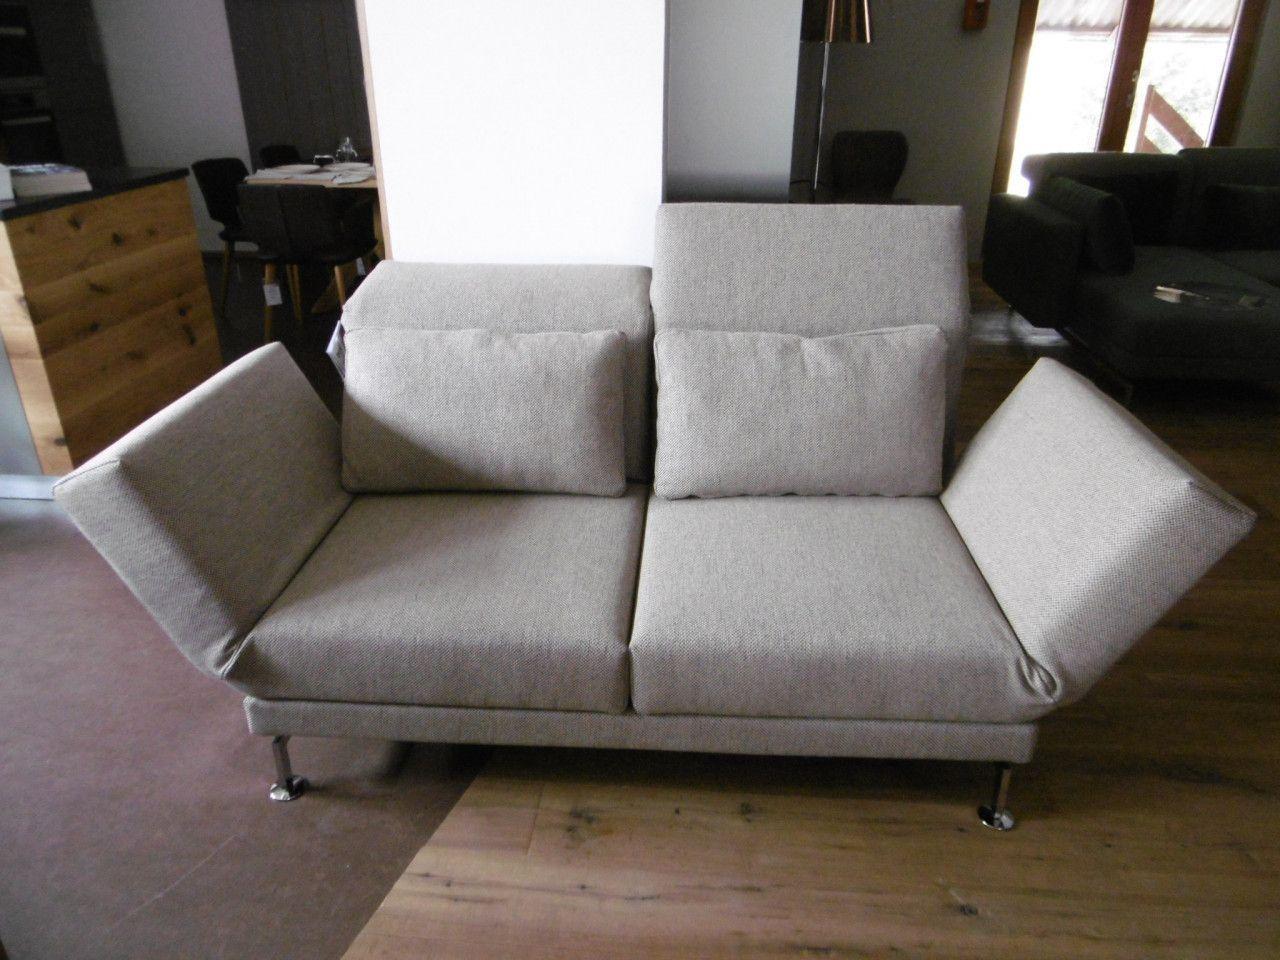 Bruhl Sofa Moule 2 Sitzer Medium In Stoff Sofas Sessel